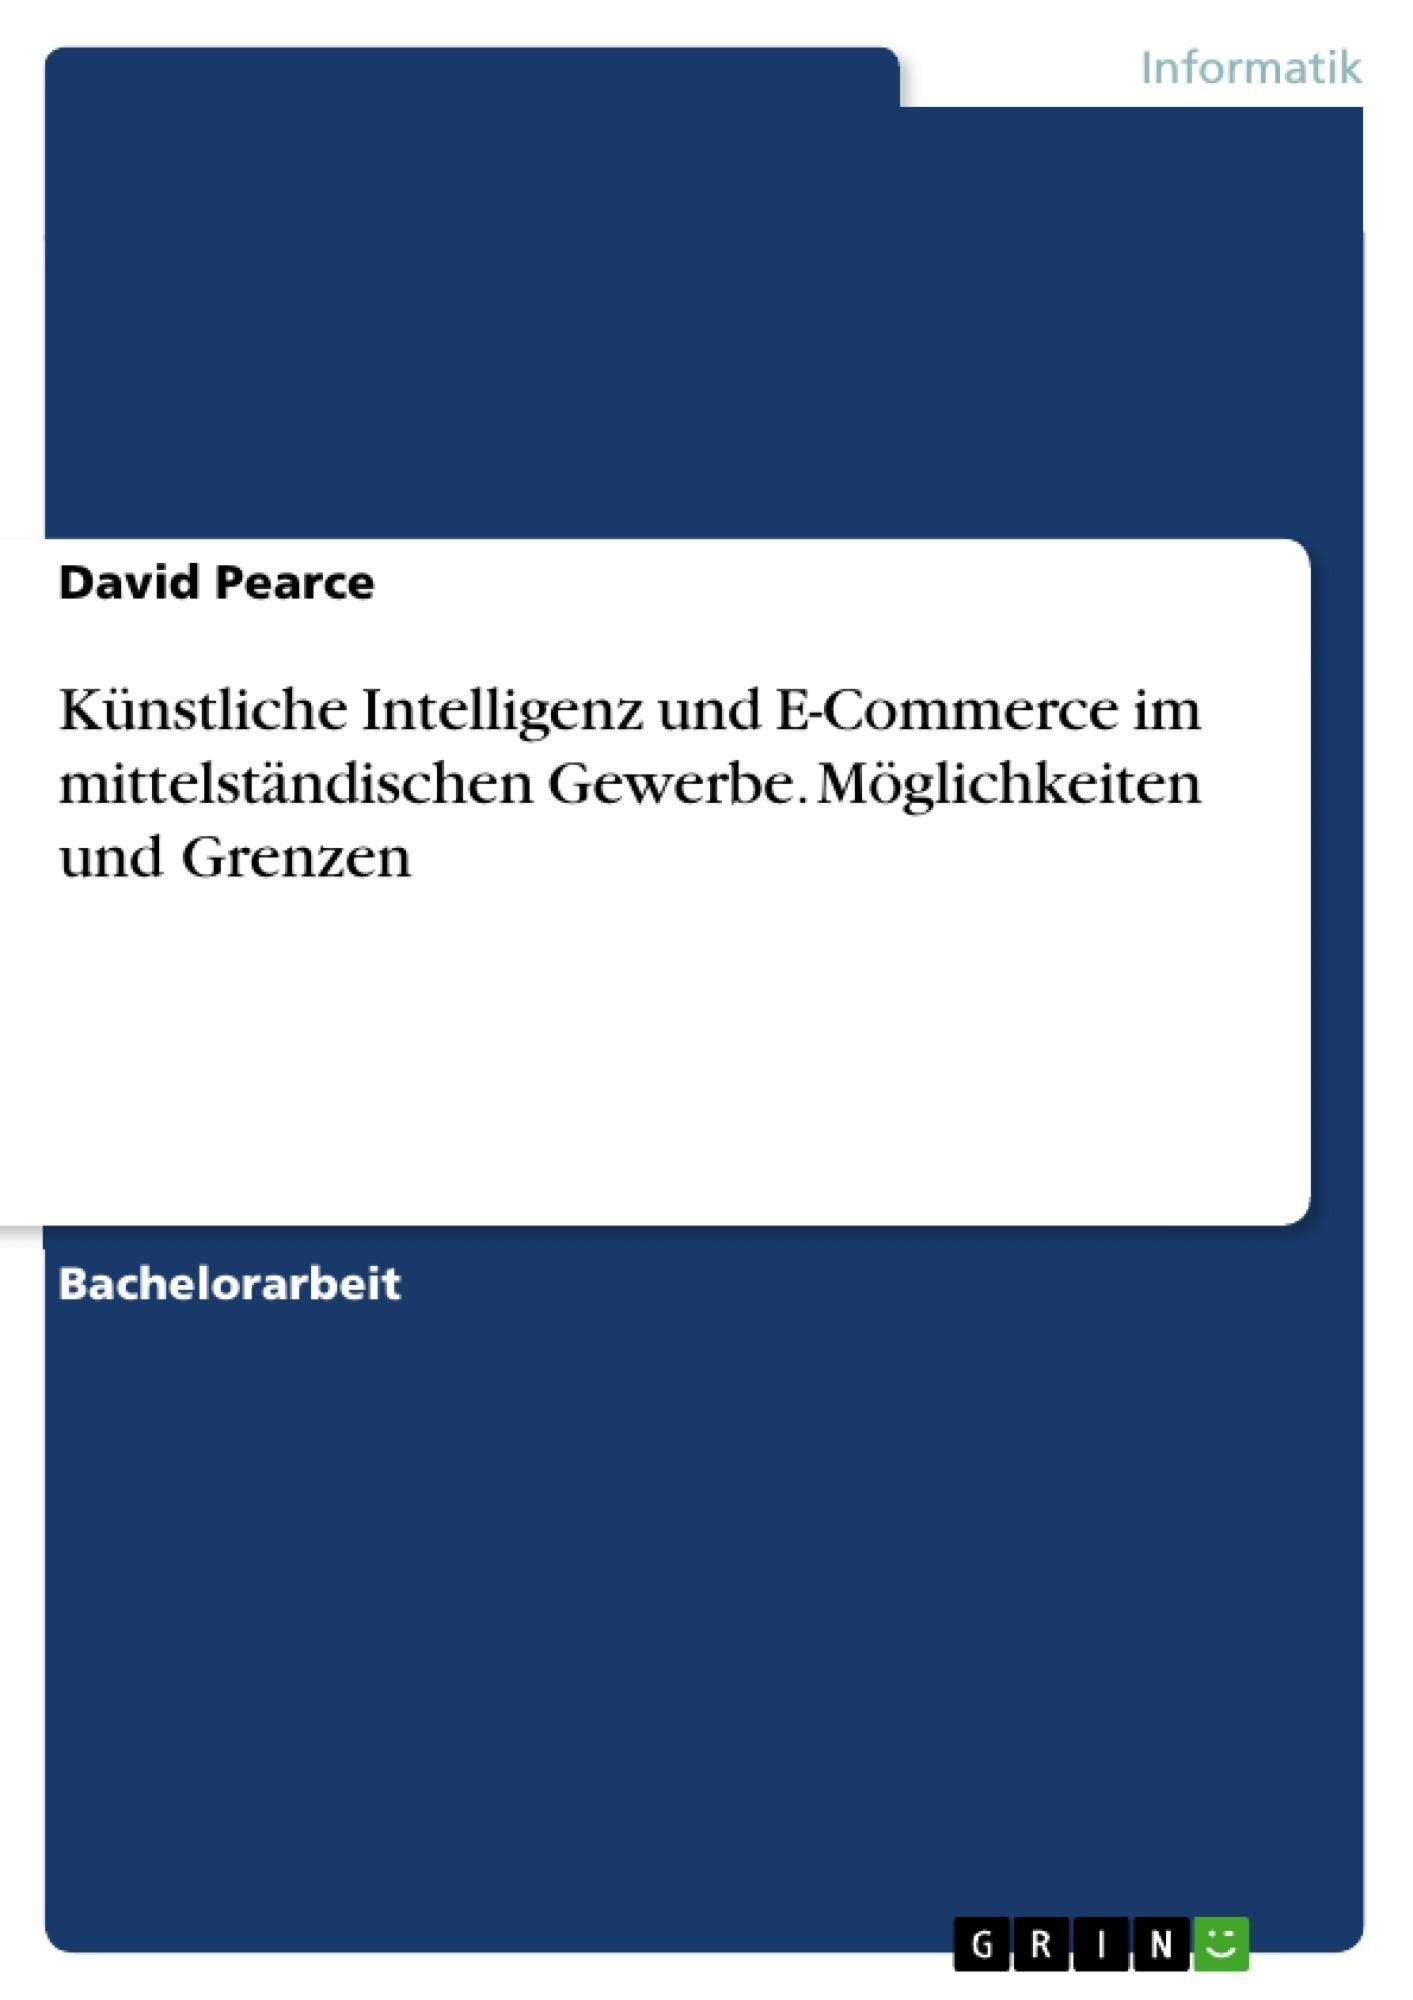 Titel: Künstliche Intelligenz und E-Commerce im mittelständischen Gewerbe. Möglichkeiten und Grenzen